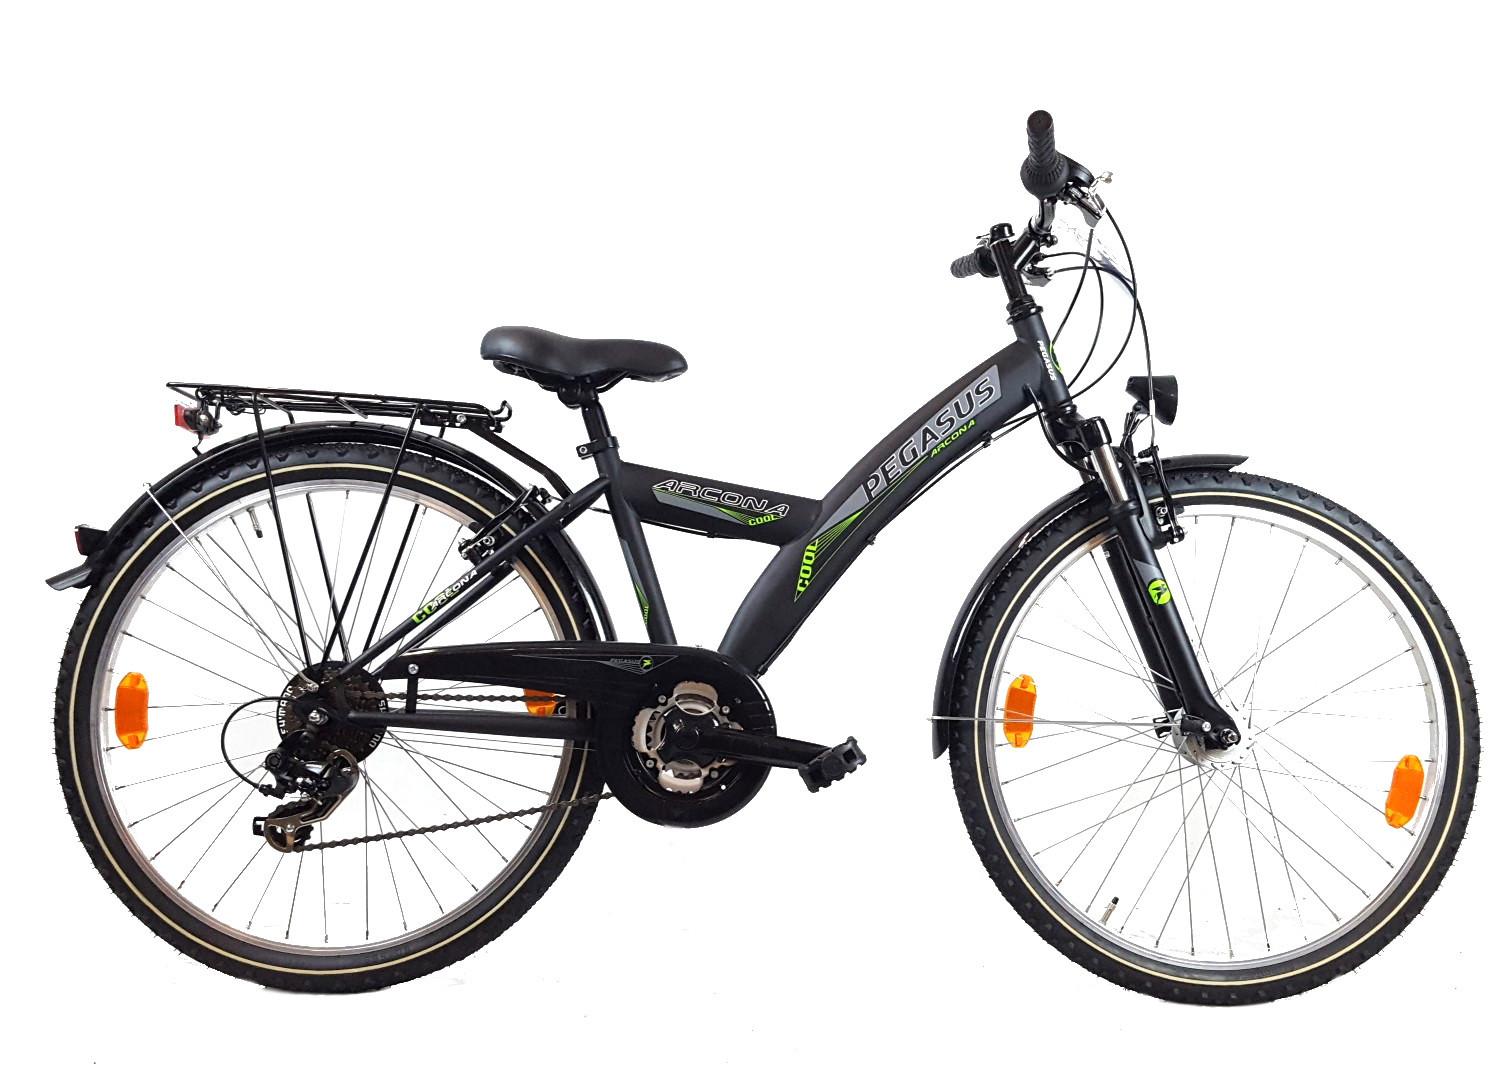 jugend fahrrad pegasus arcona fg nd schwarz 21g shimano 44. Black Bedroom Furniture Sets. Home Design Ideas